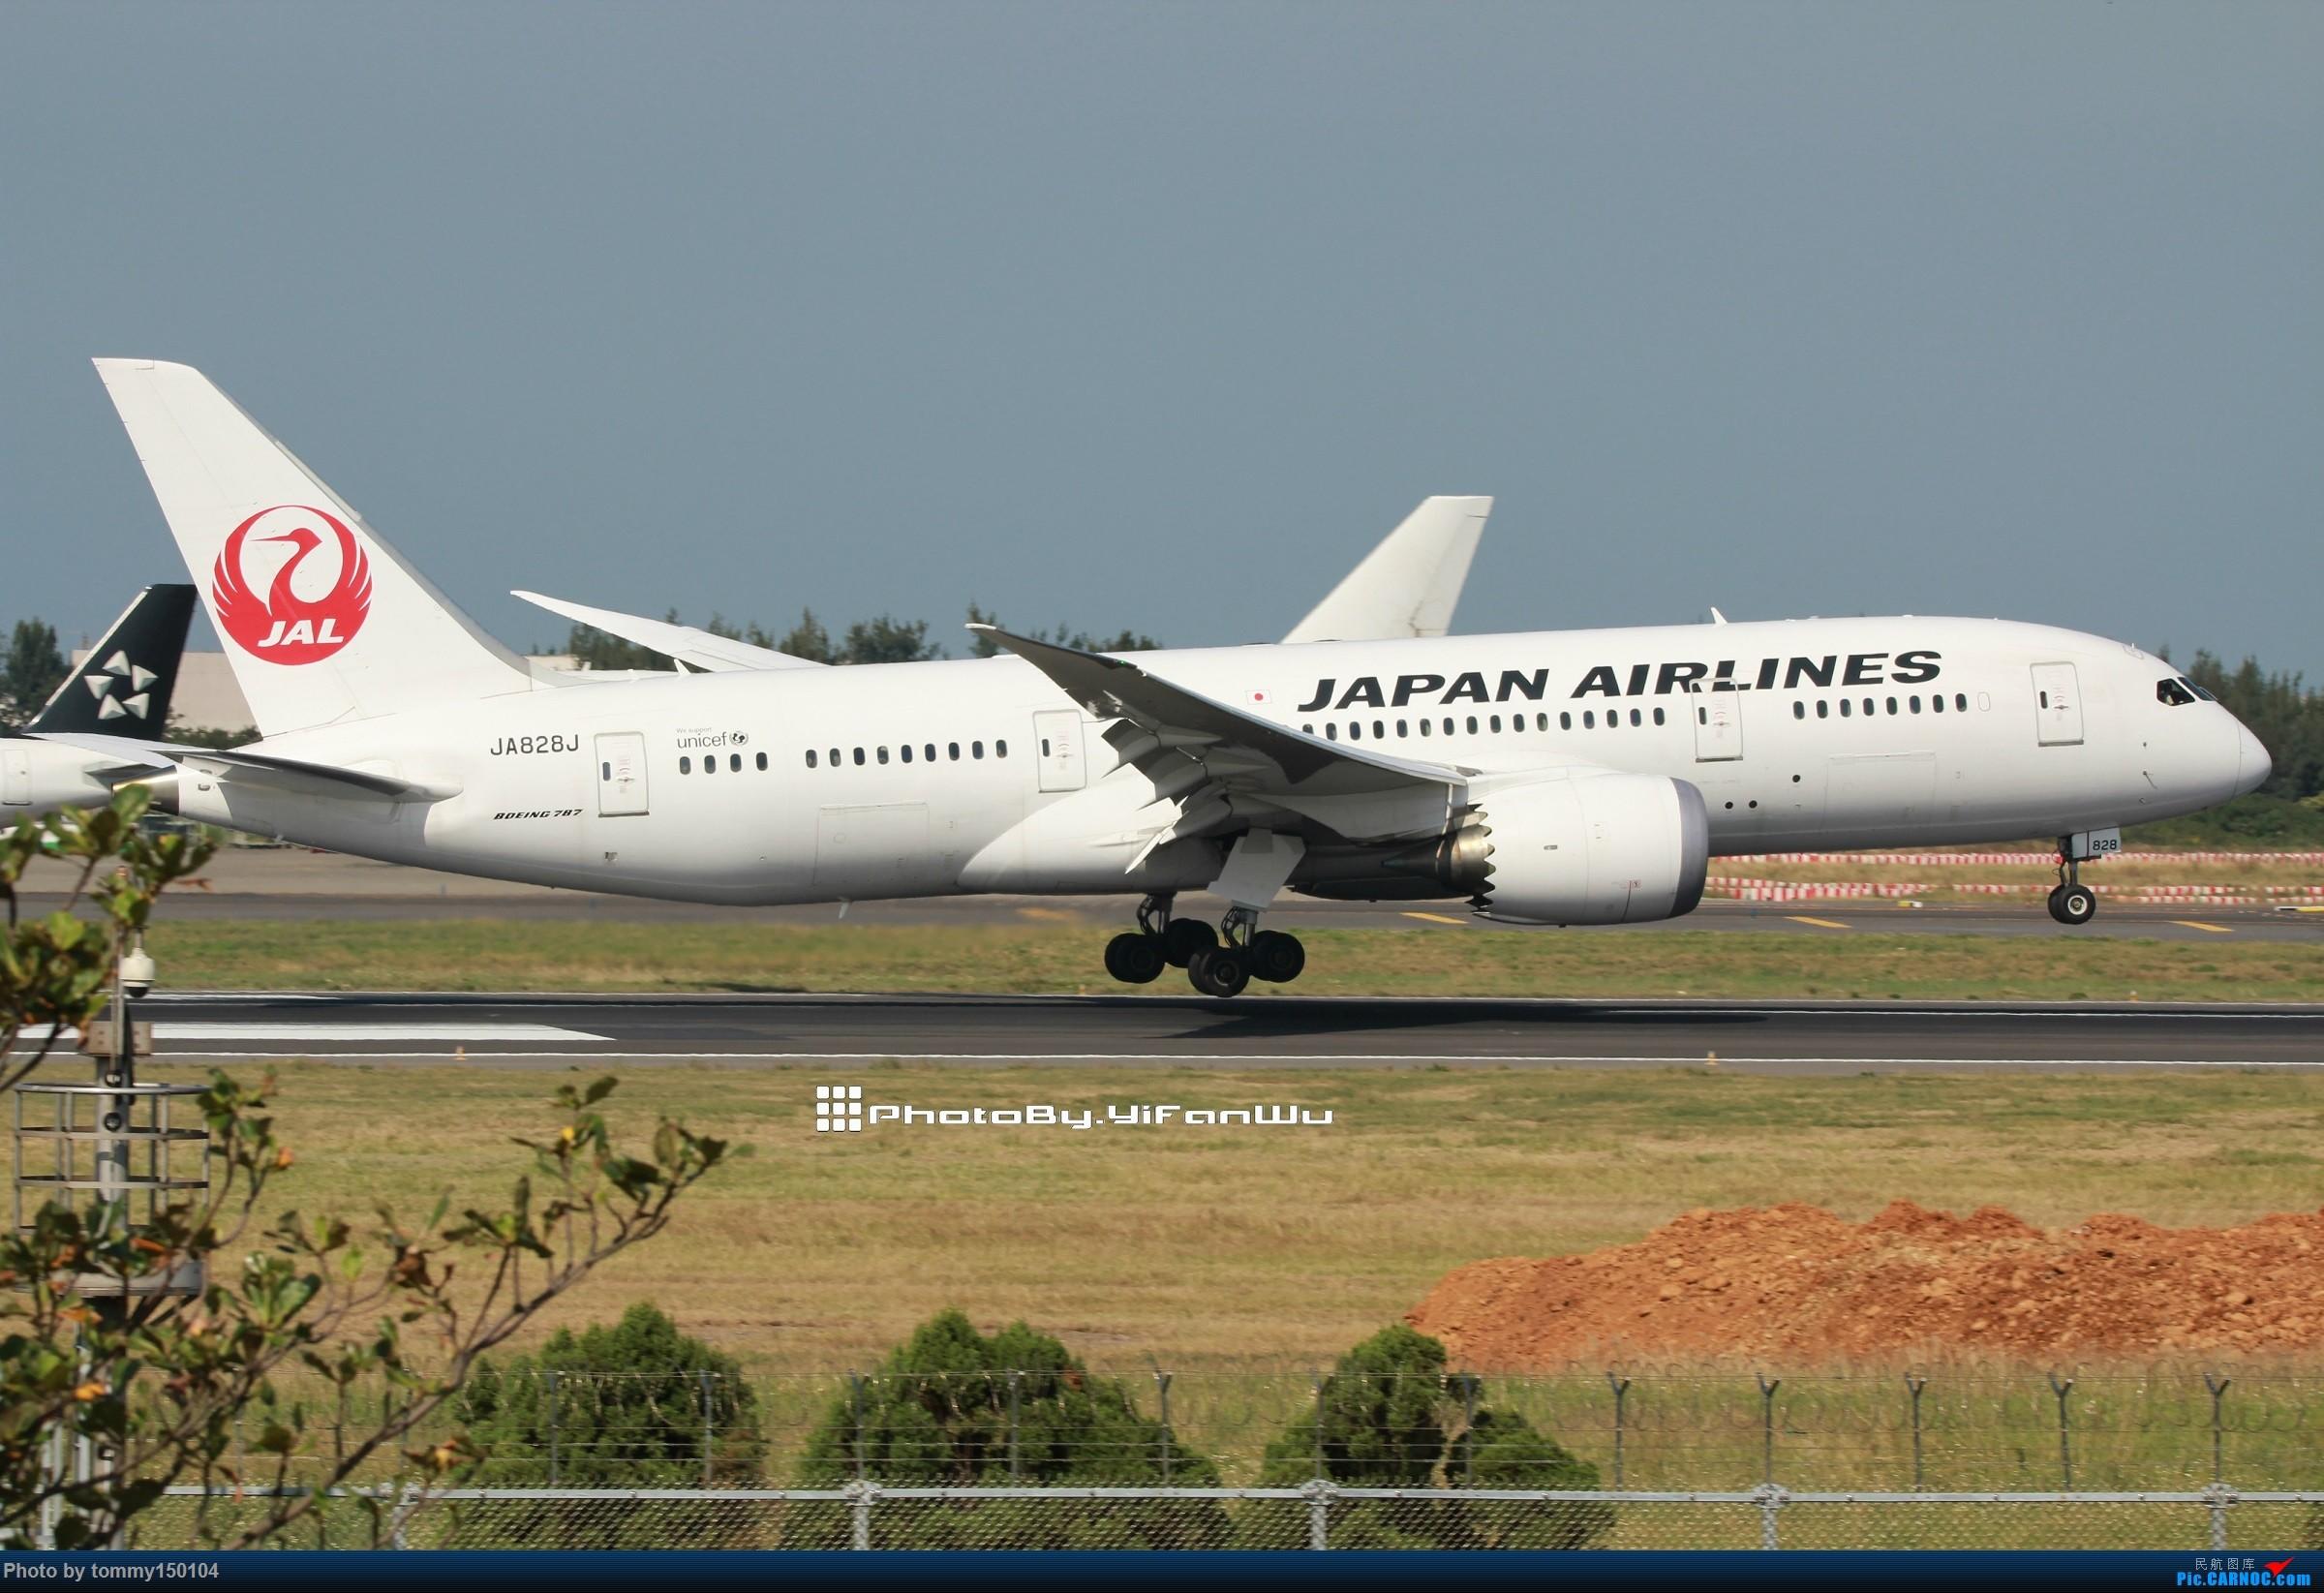 Re:[原创]新手試貼 TPE台北桃園 BOEING 787-8 JA828J 中国台北桃园国际机场